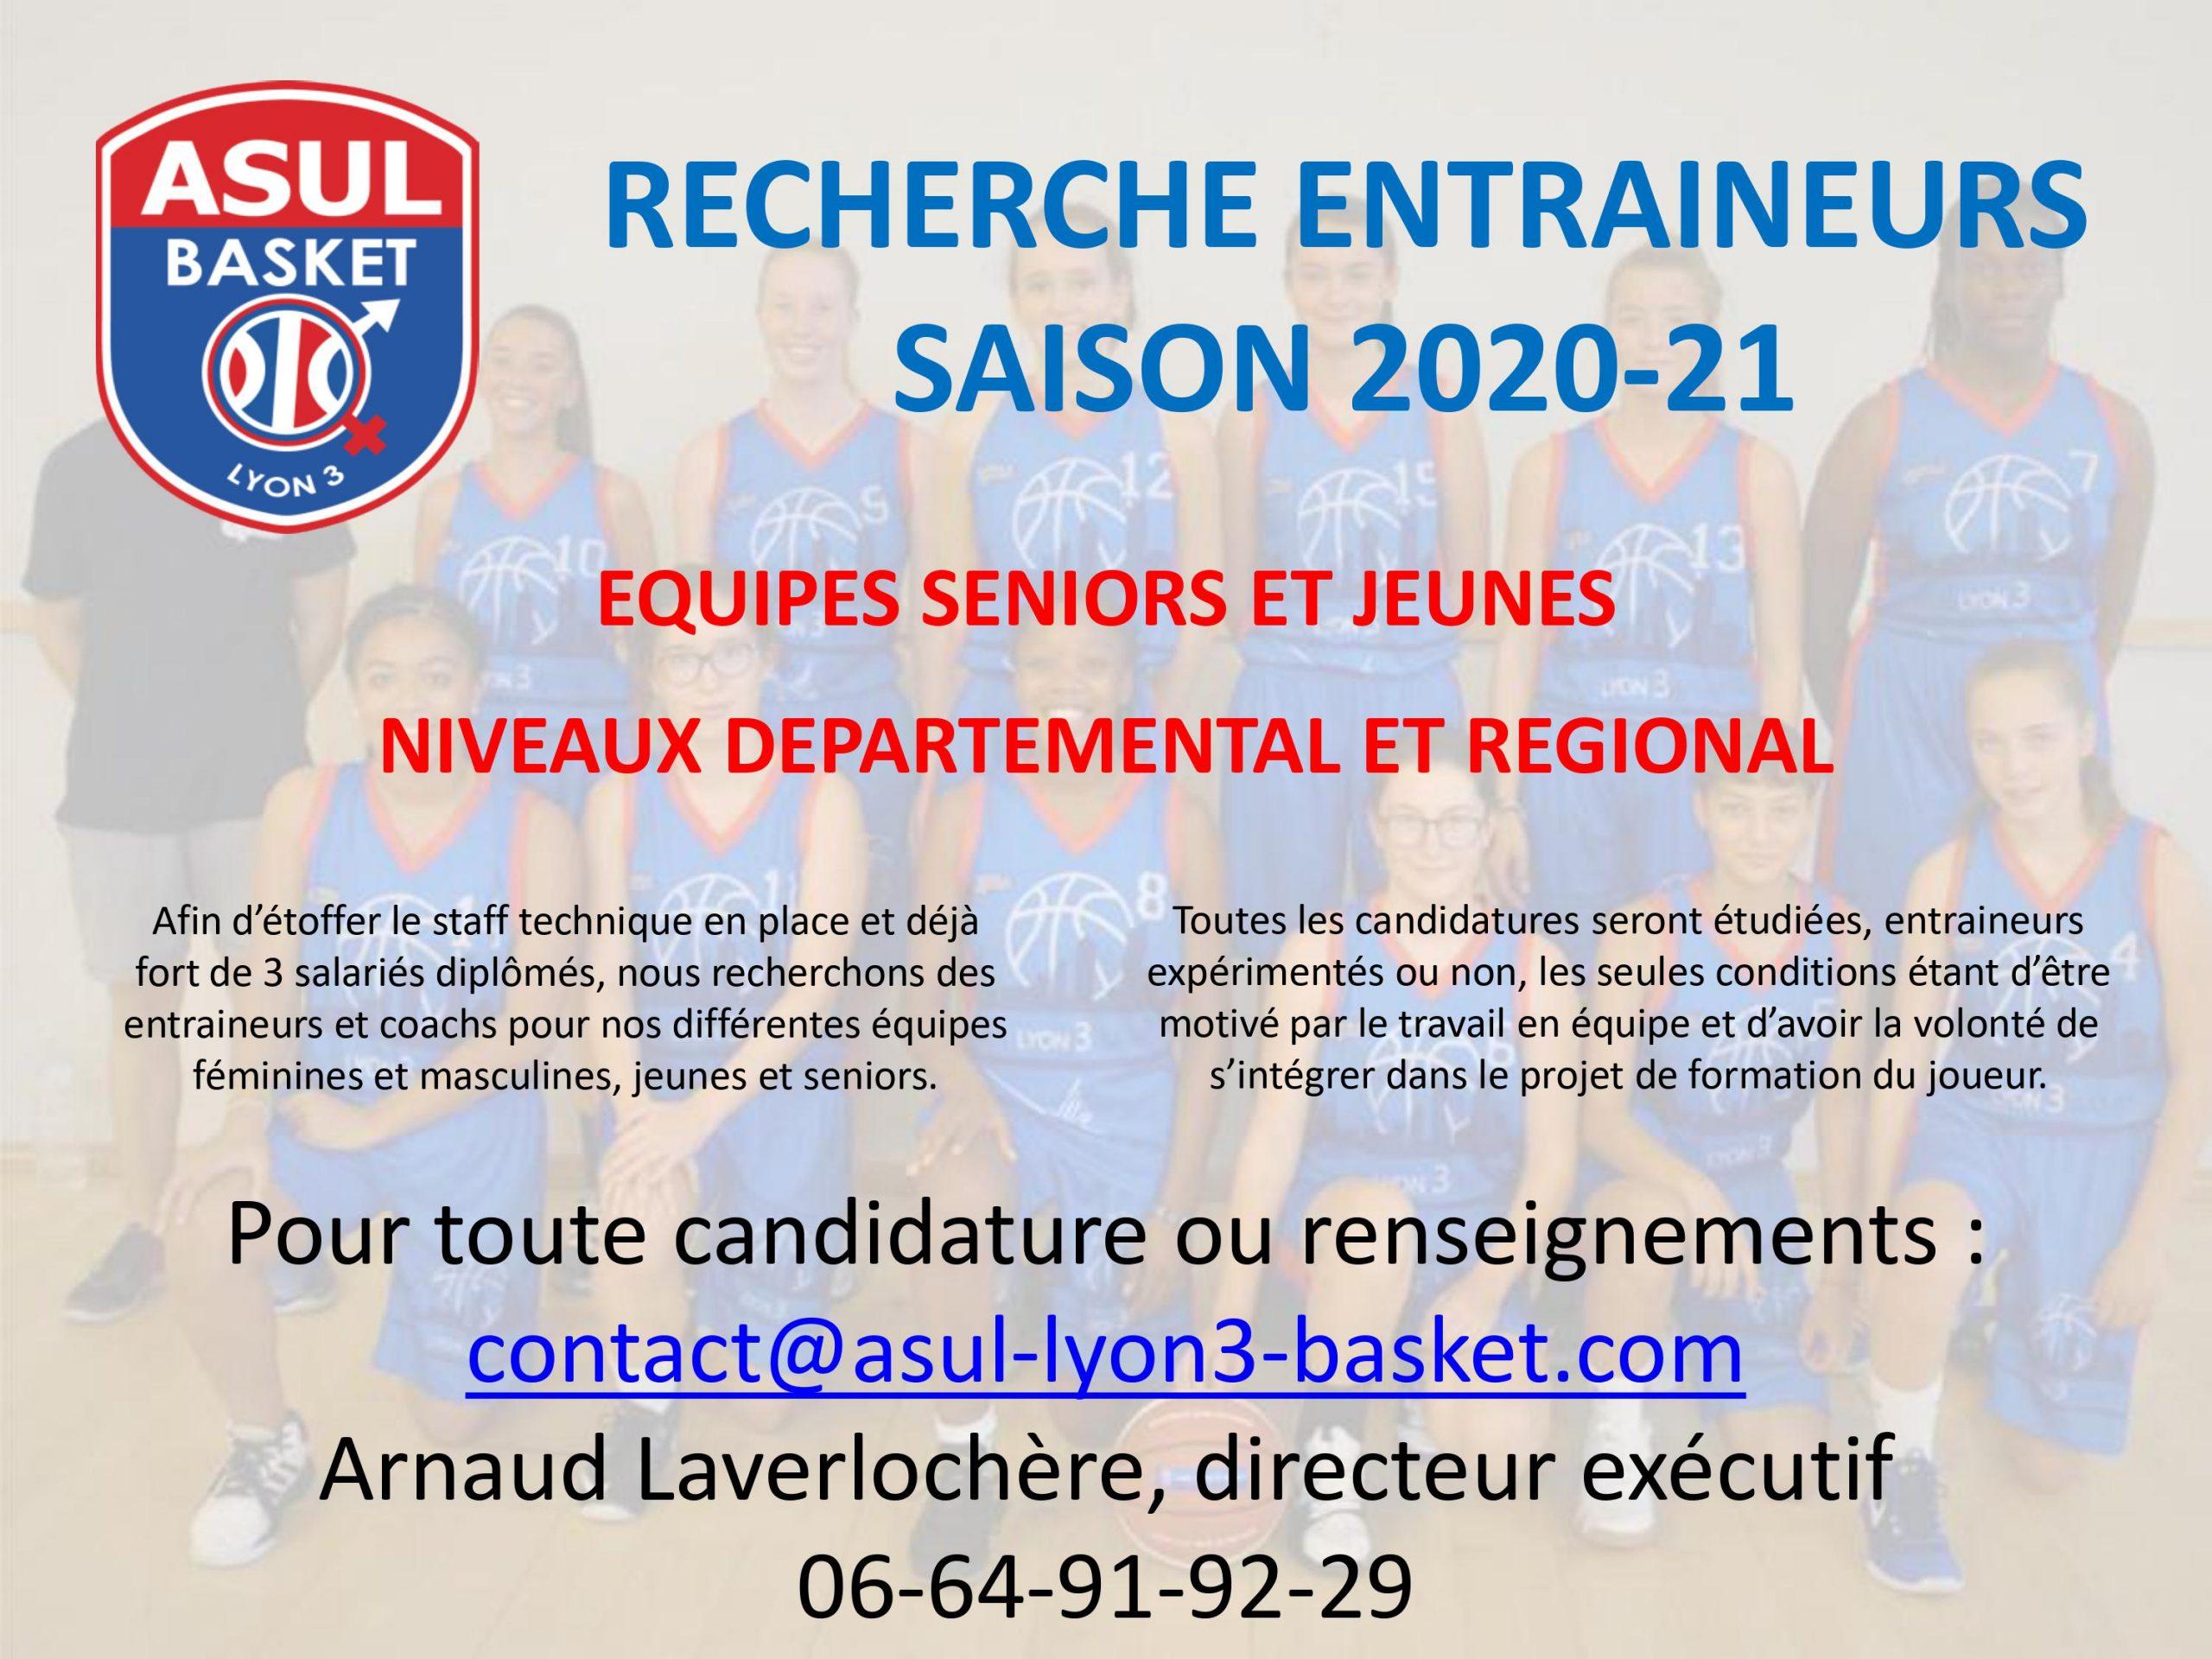 annonce-entraineur-asul-basket-2020-2021.jpg